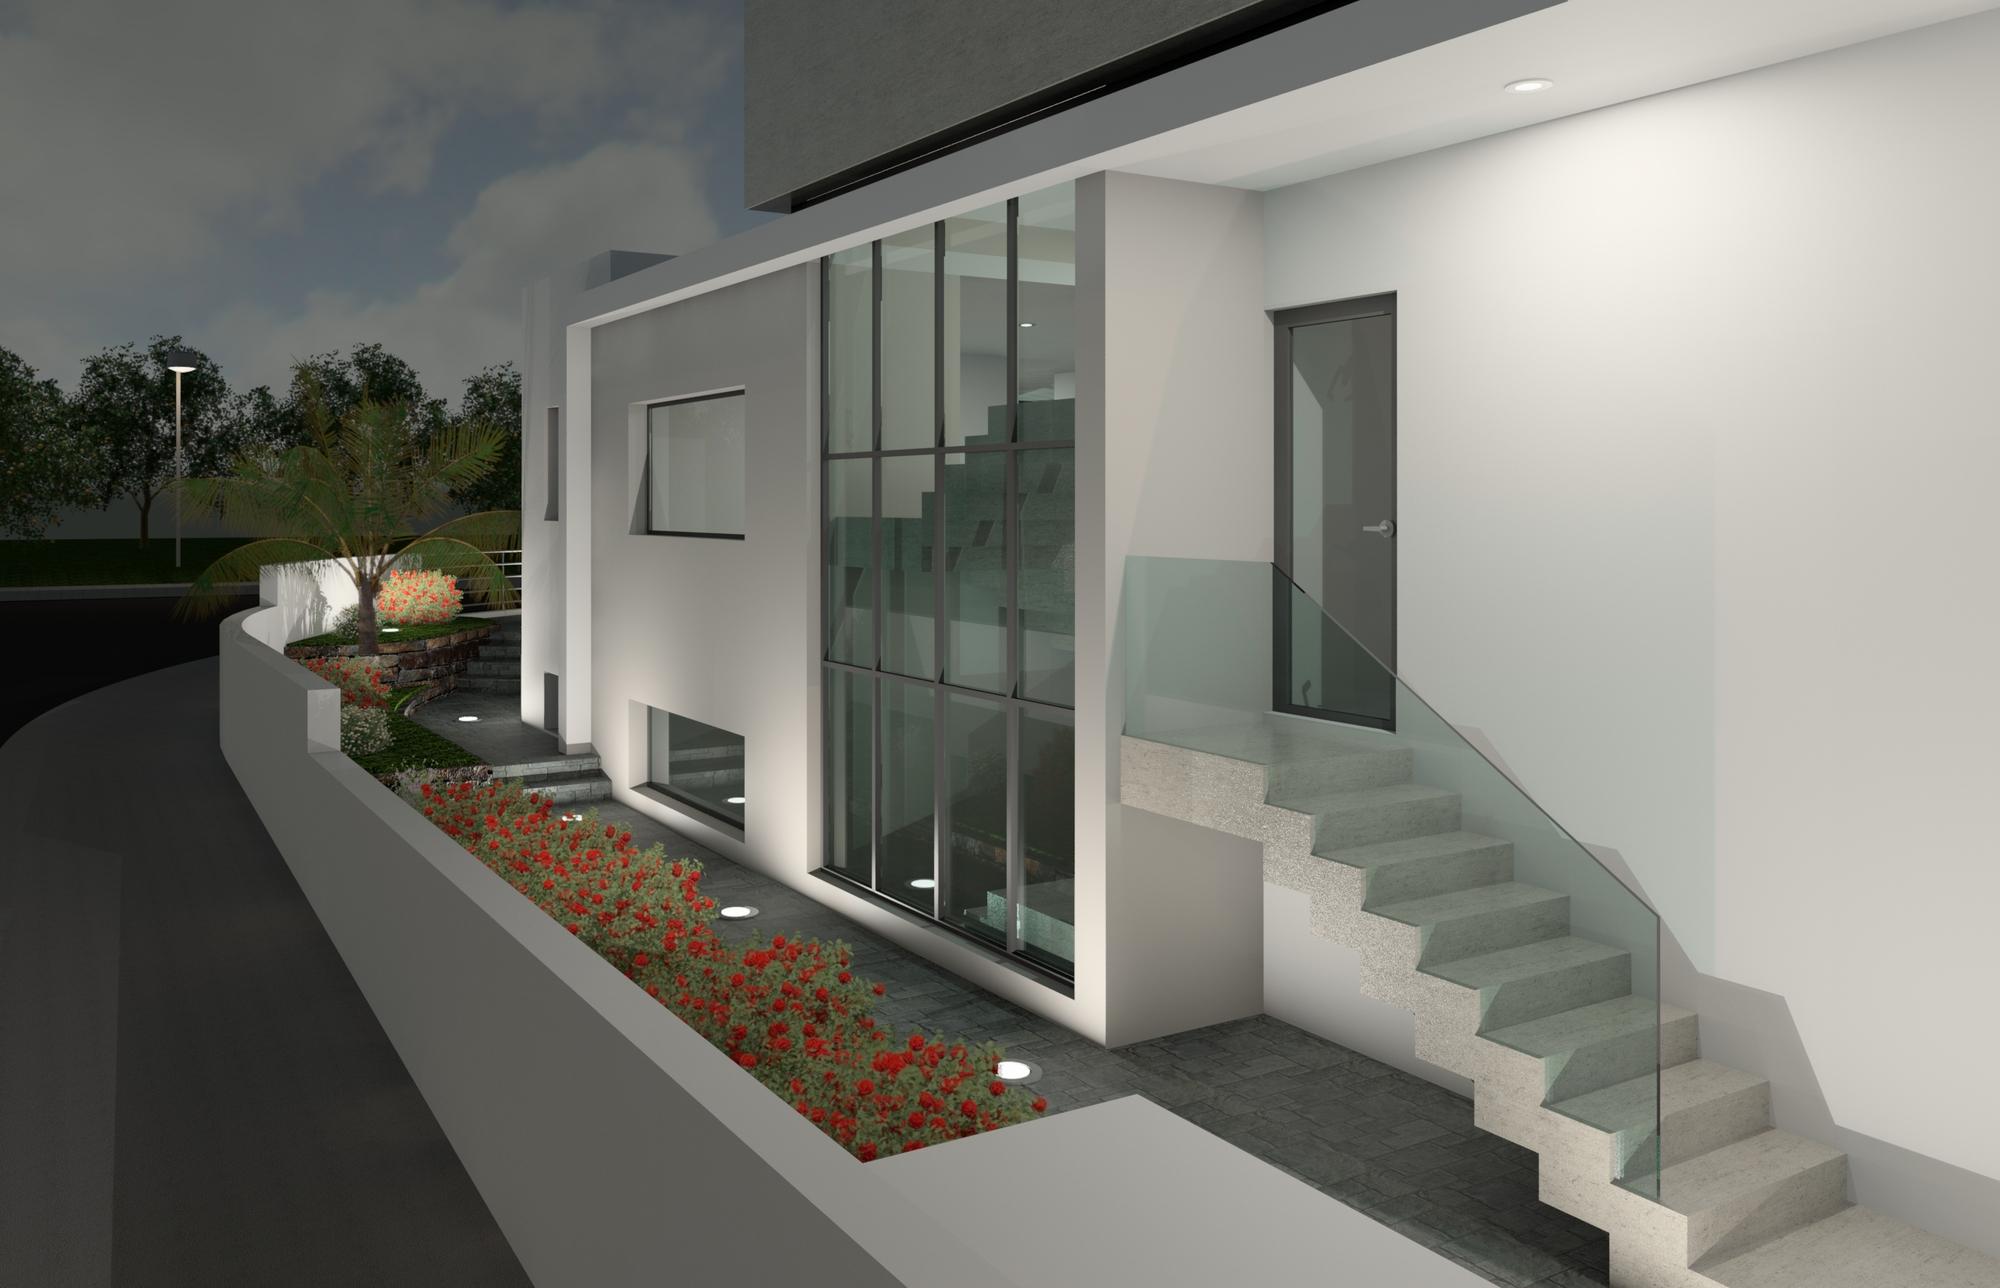 Raas-rendering20141222-15806-1audw4g